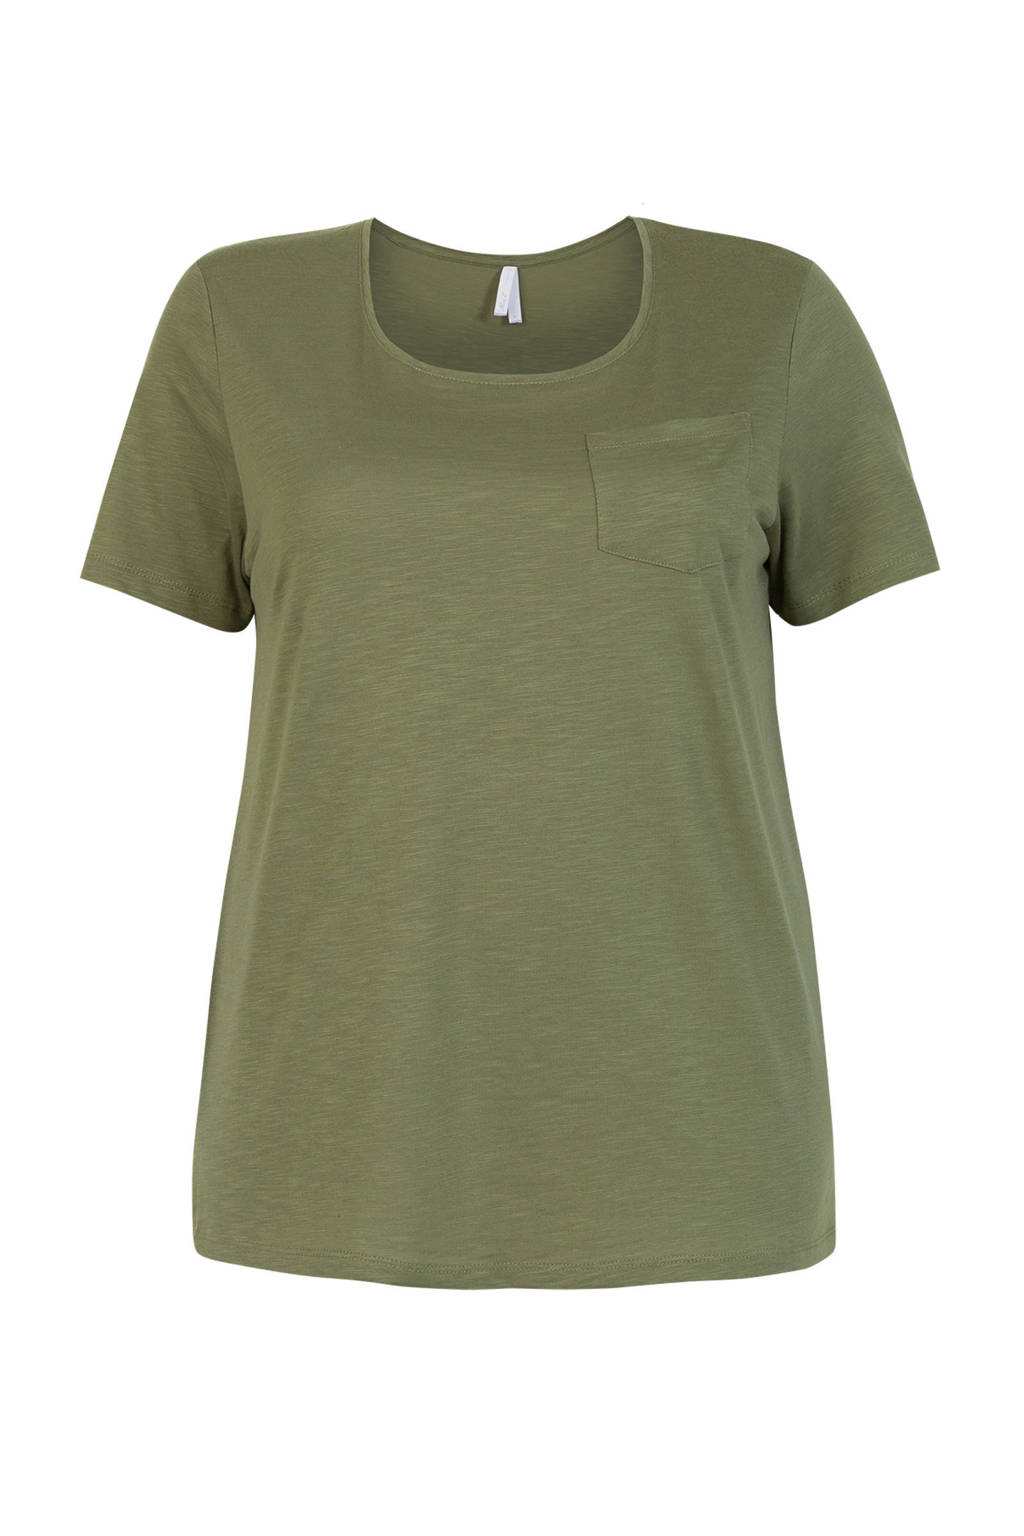 Miss Etam Plus T-shirt groen, Groen